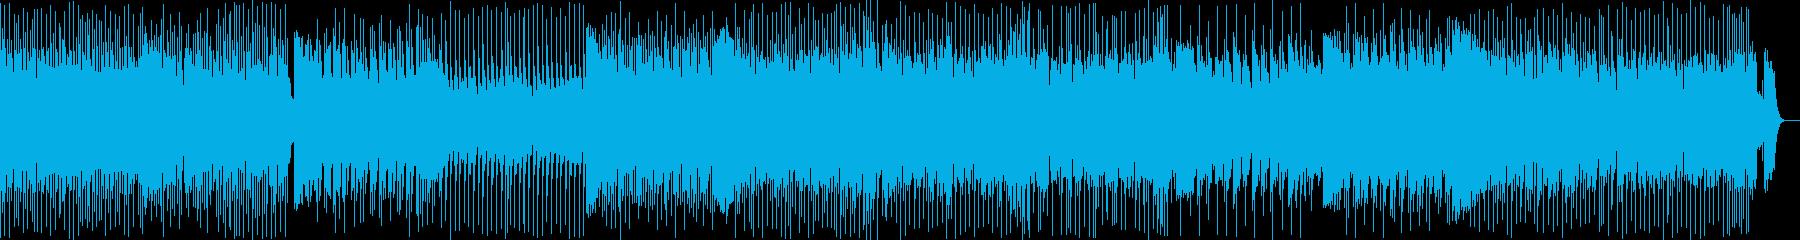 ワクワクドキドキが止まらないテクノポップの再生済みの波形